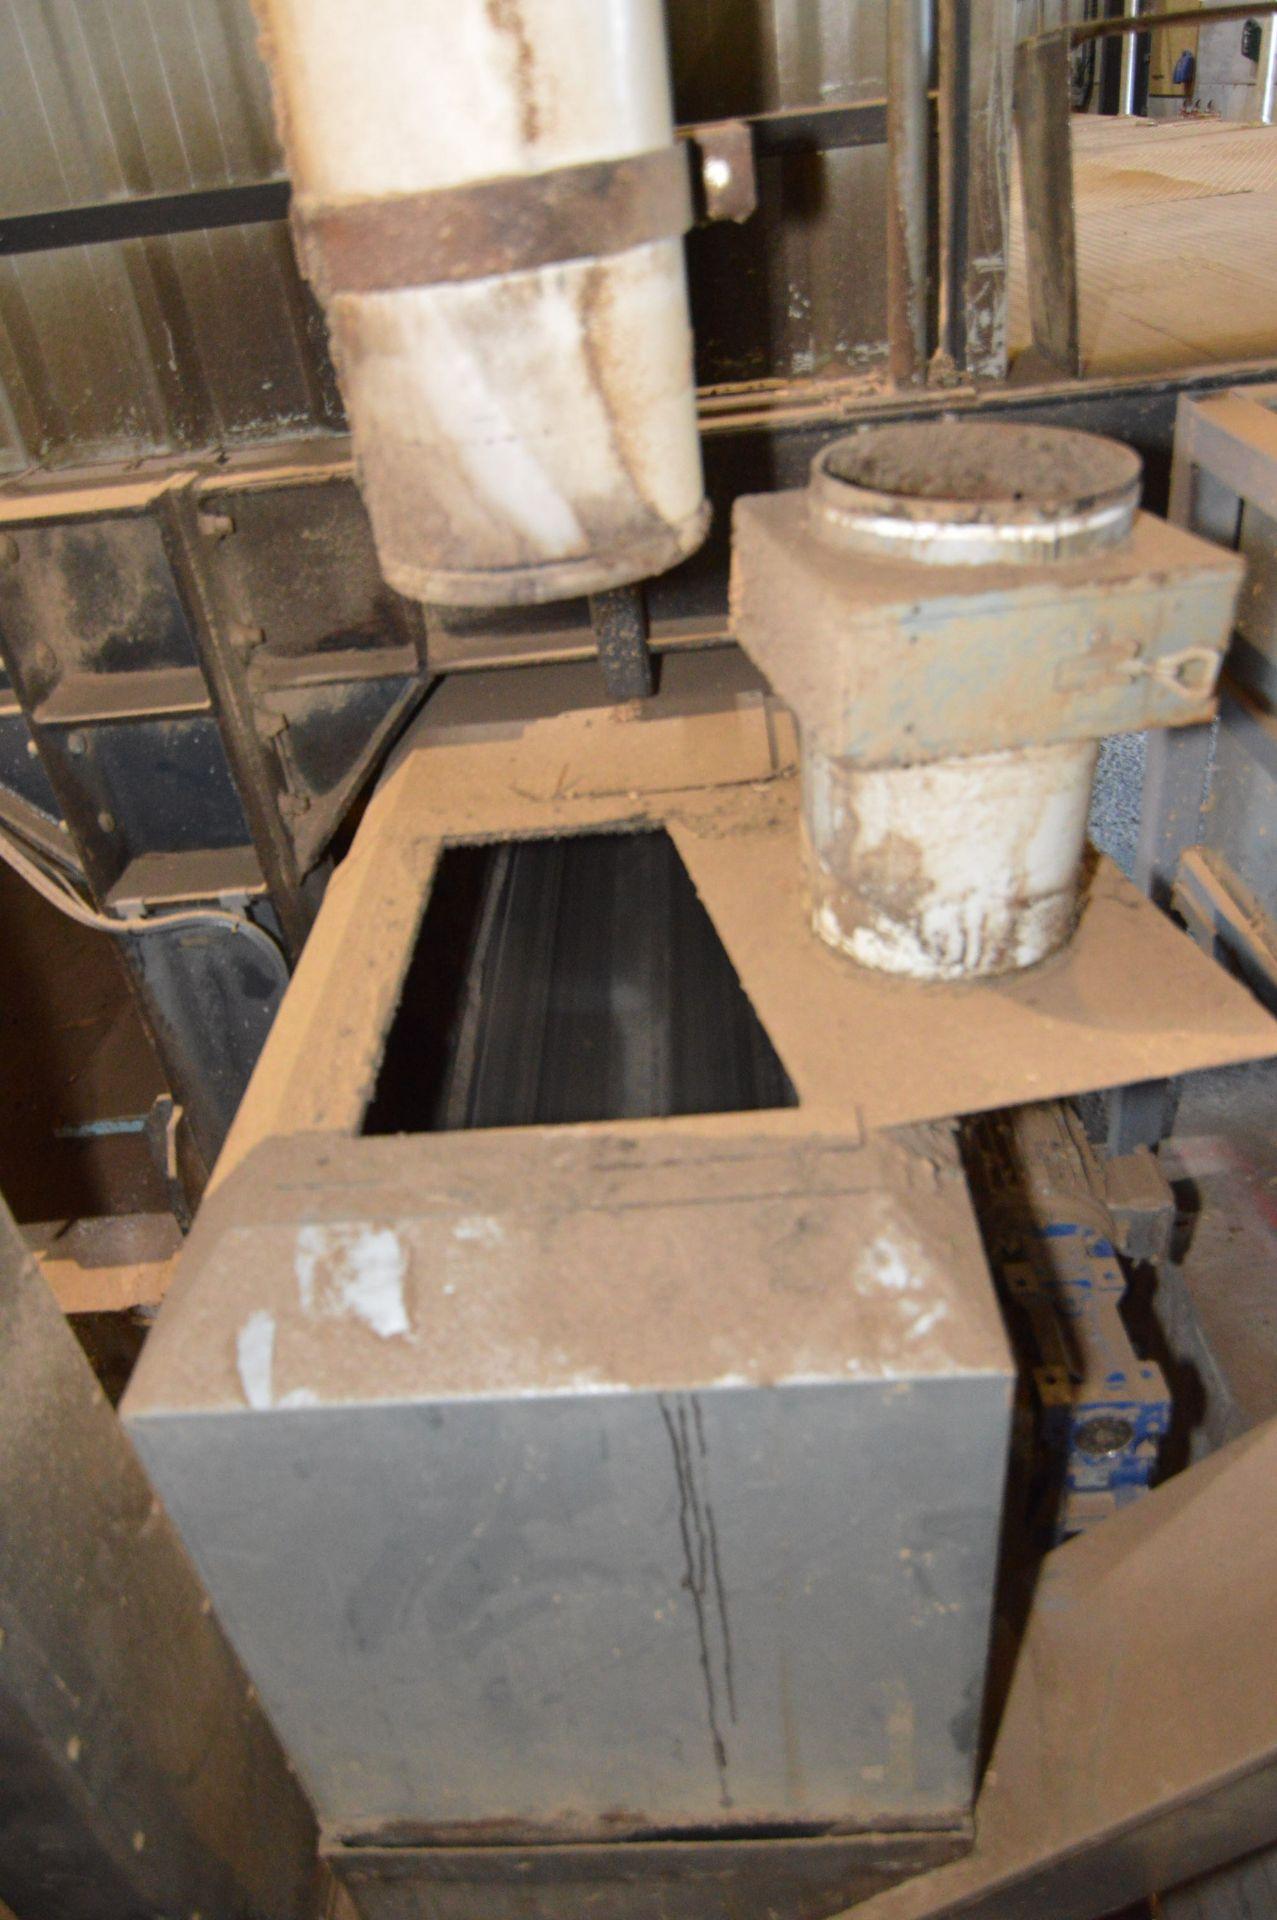 Lot 16 - Coveya Easikit EK600 Belt Conveyor, serial no. 167